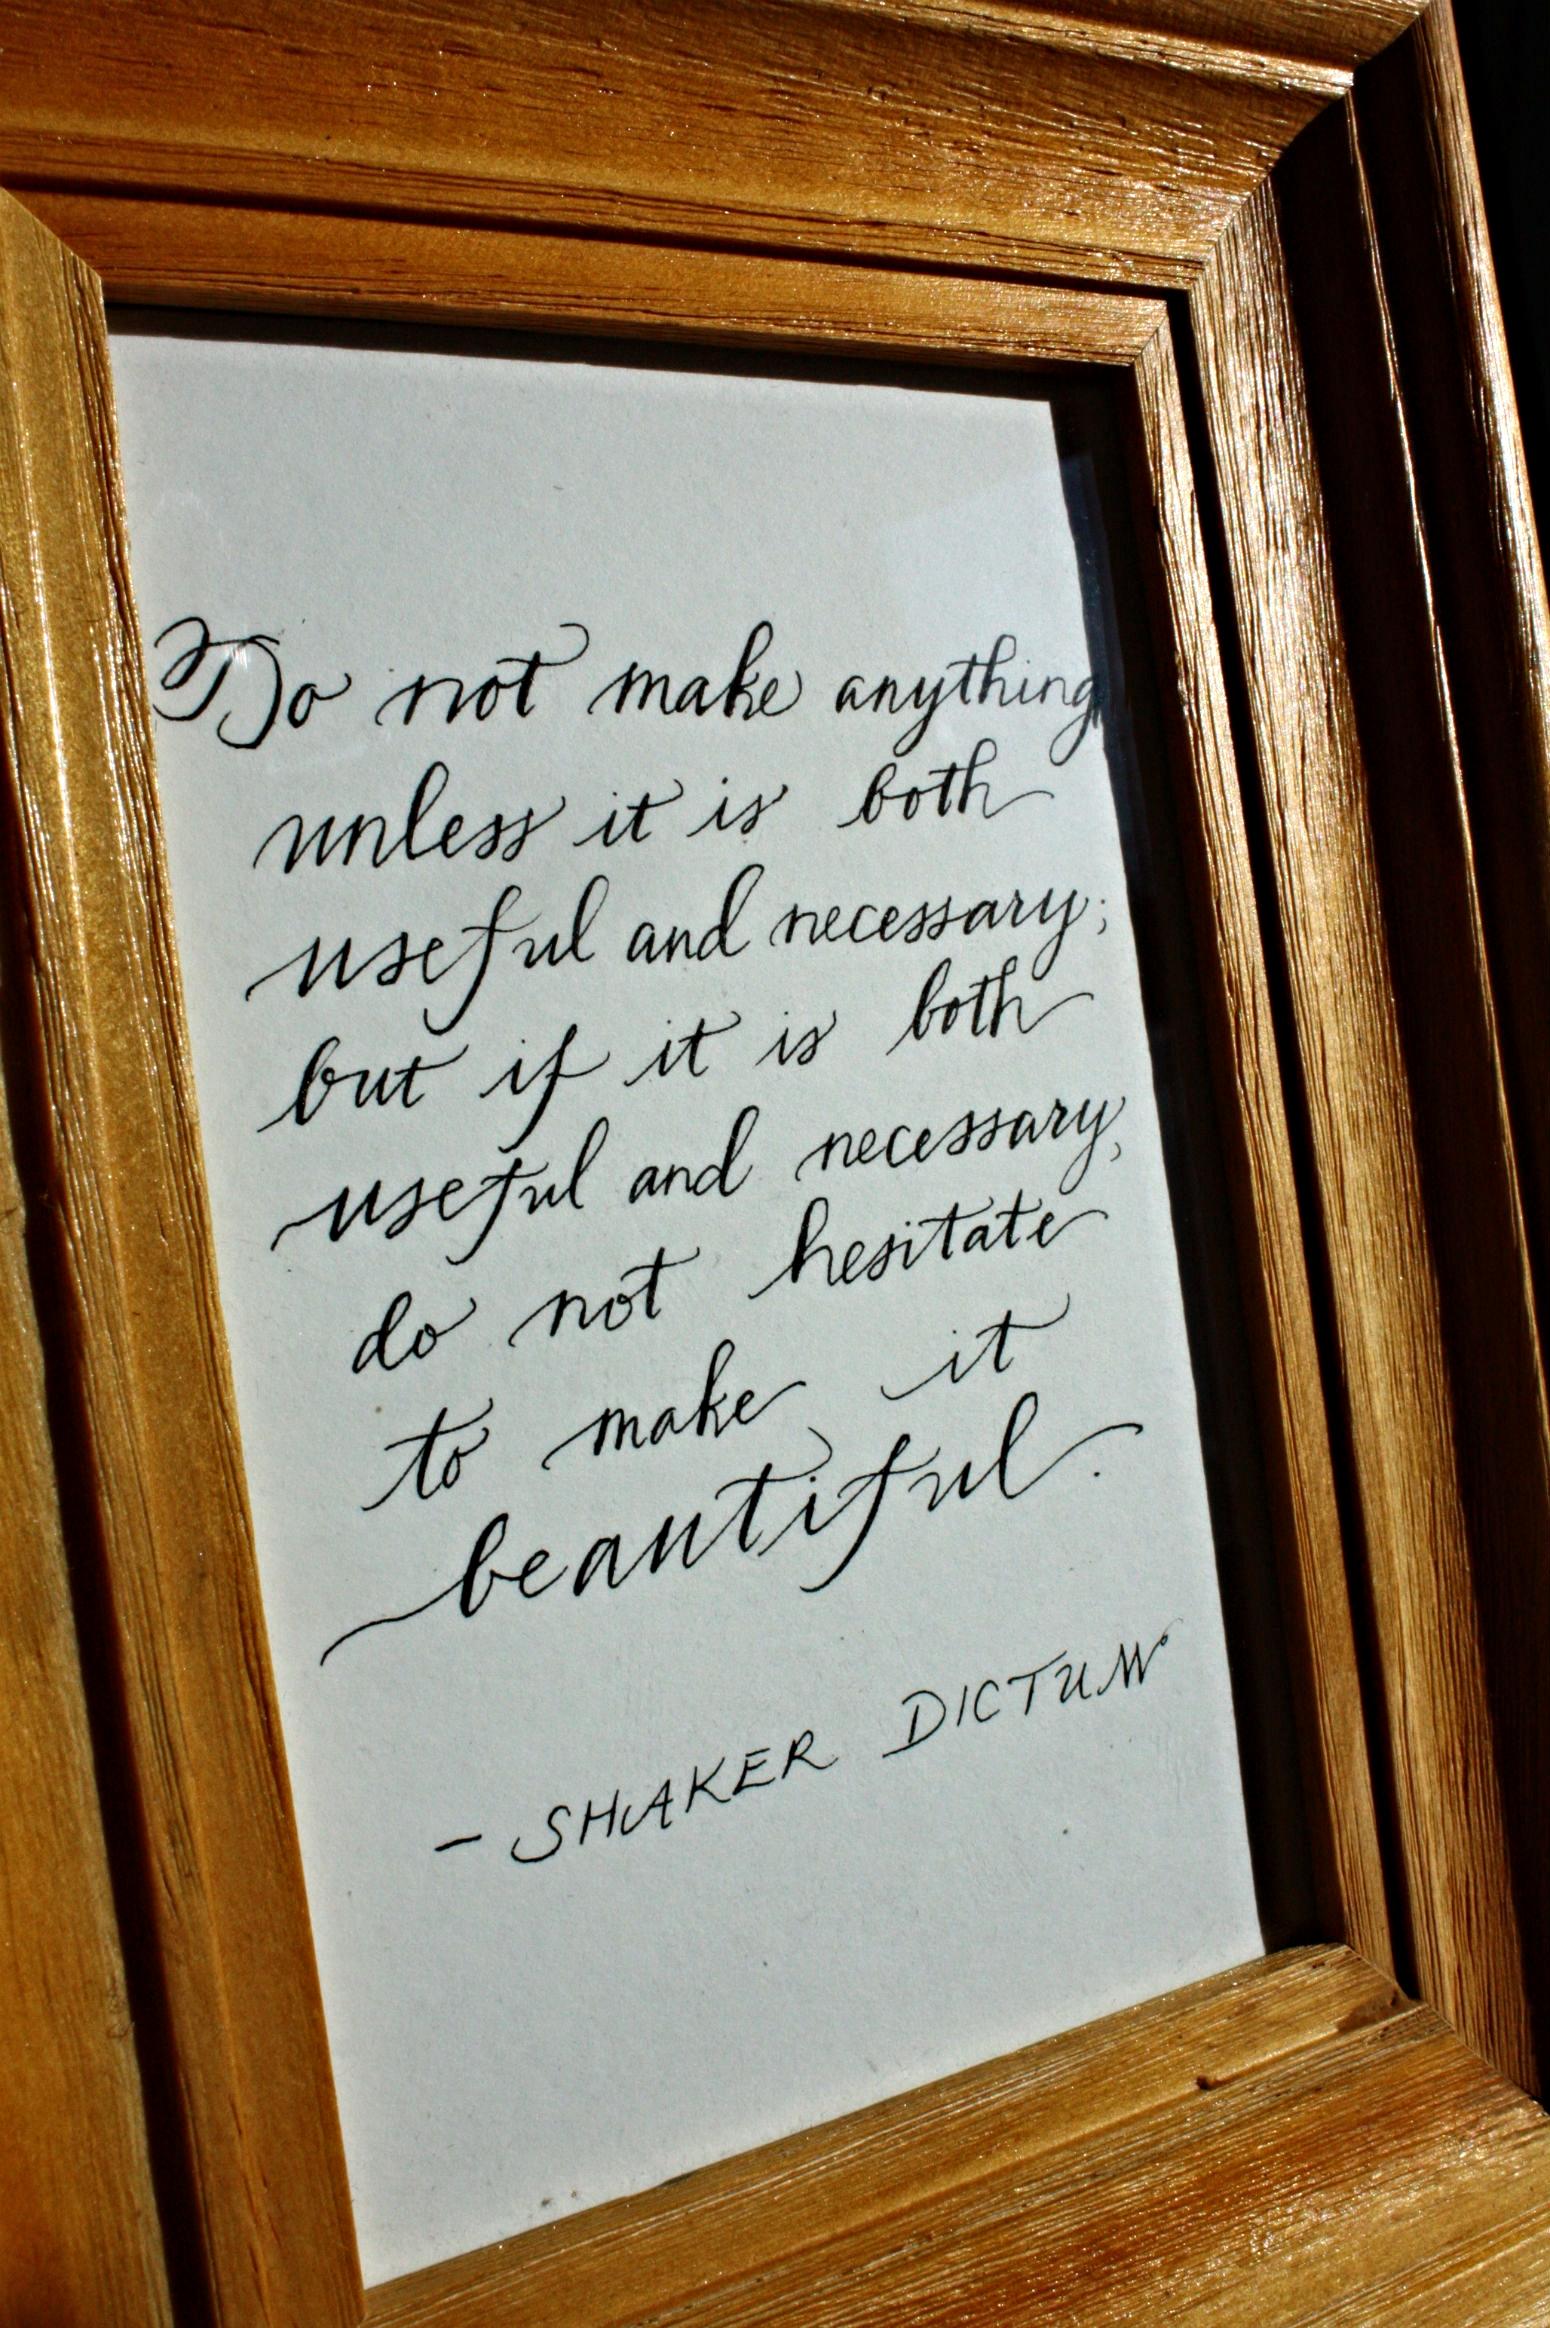 Shaker dictum for my beloved Gran.